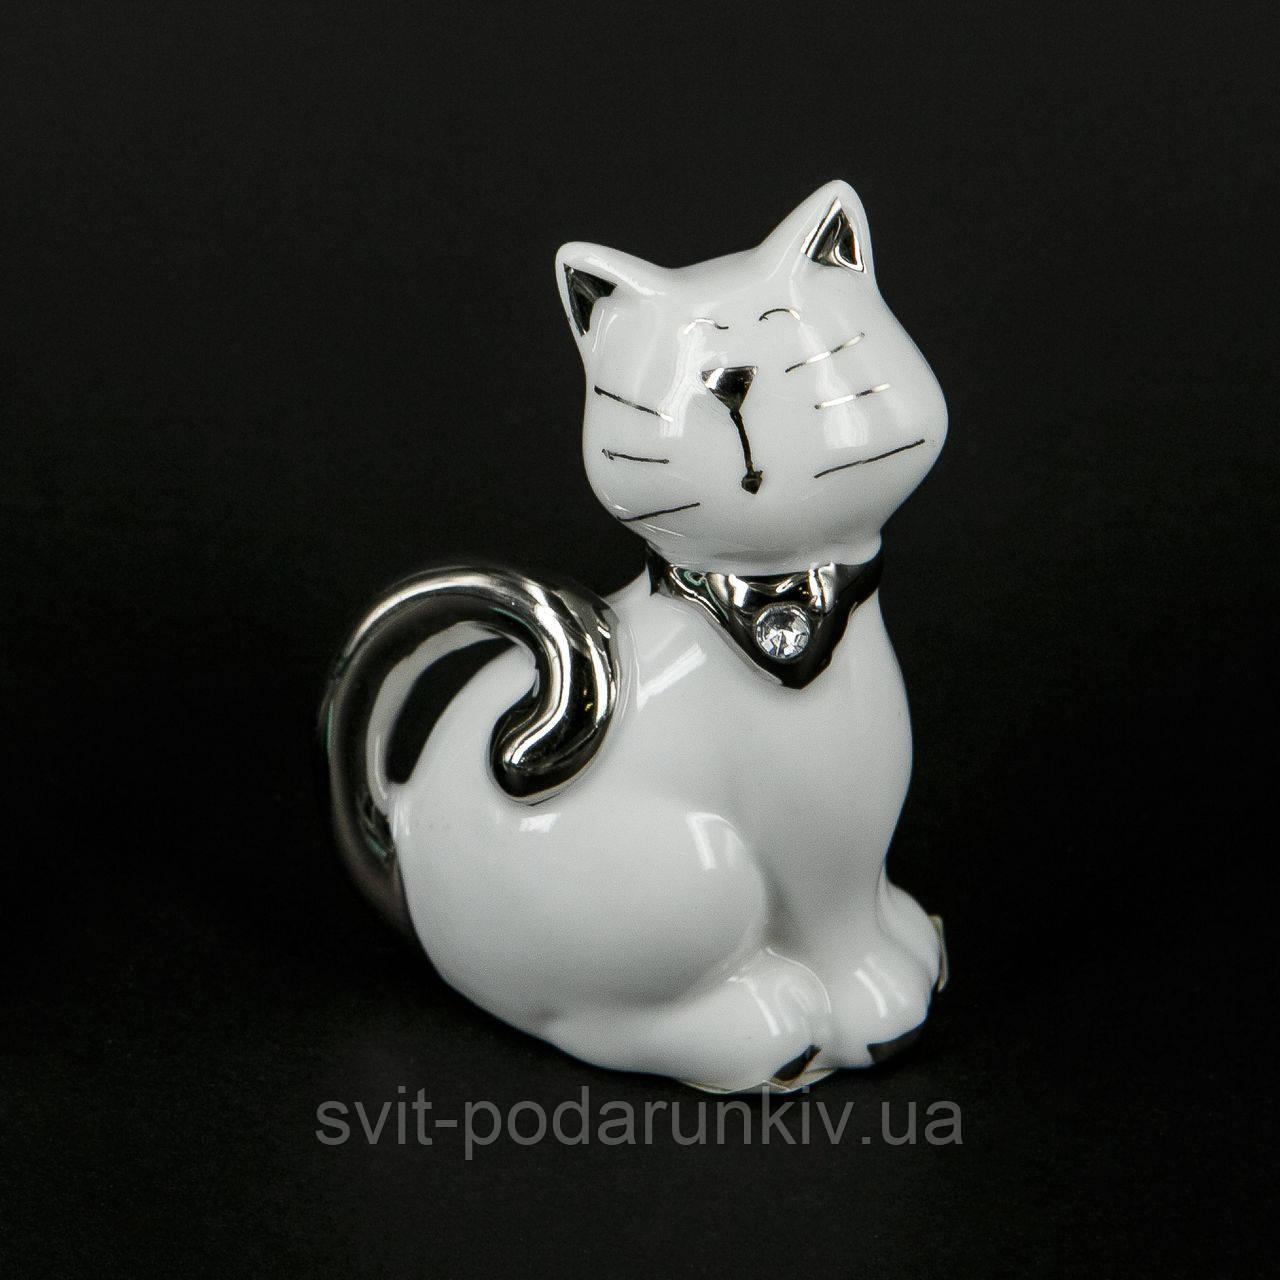 статуэтка кота